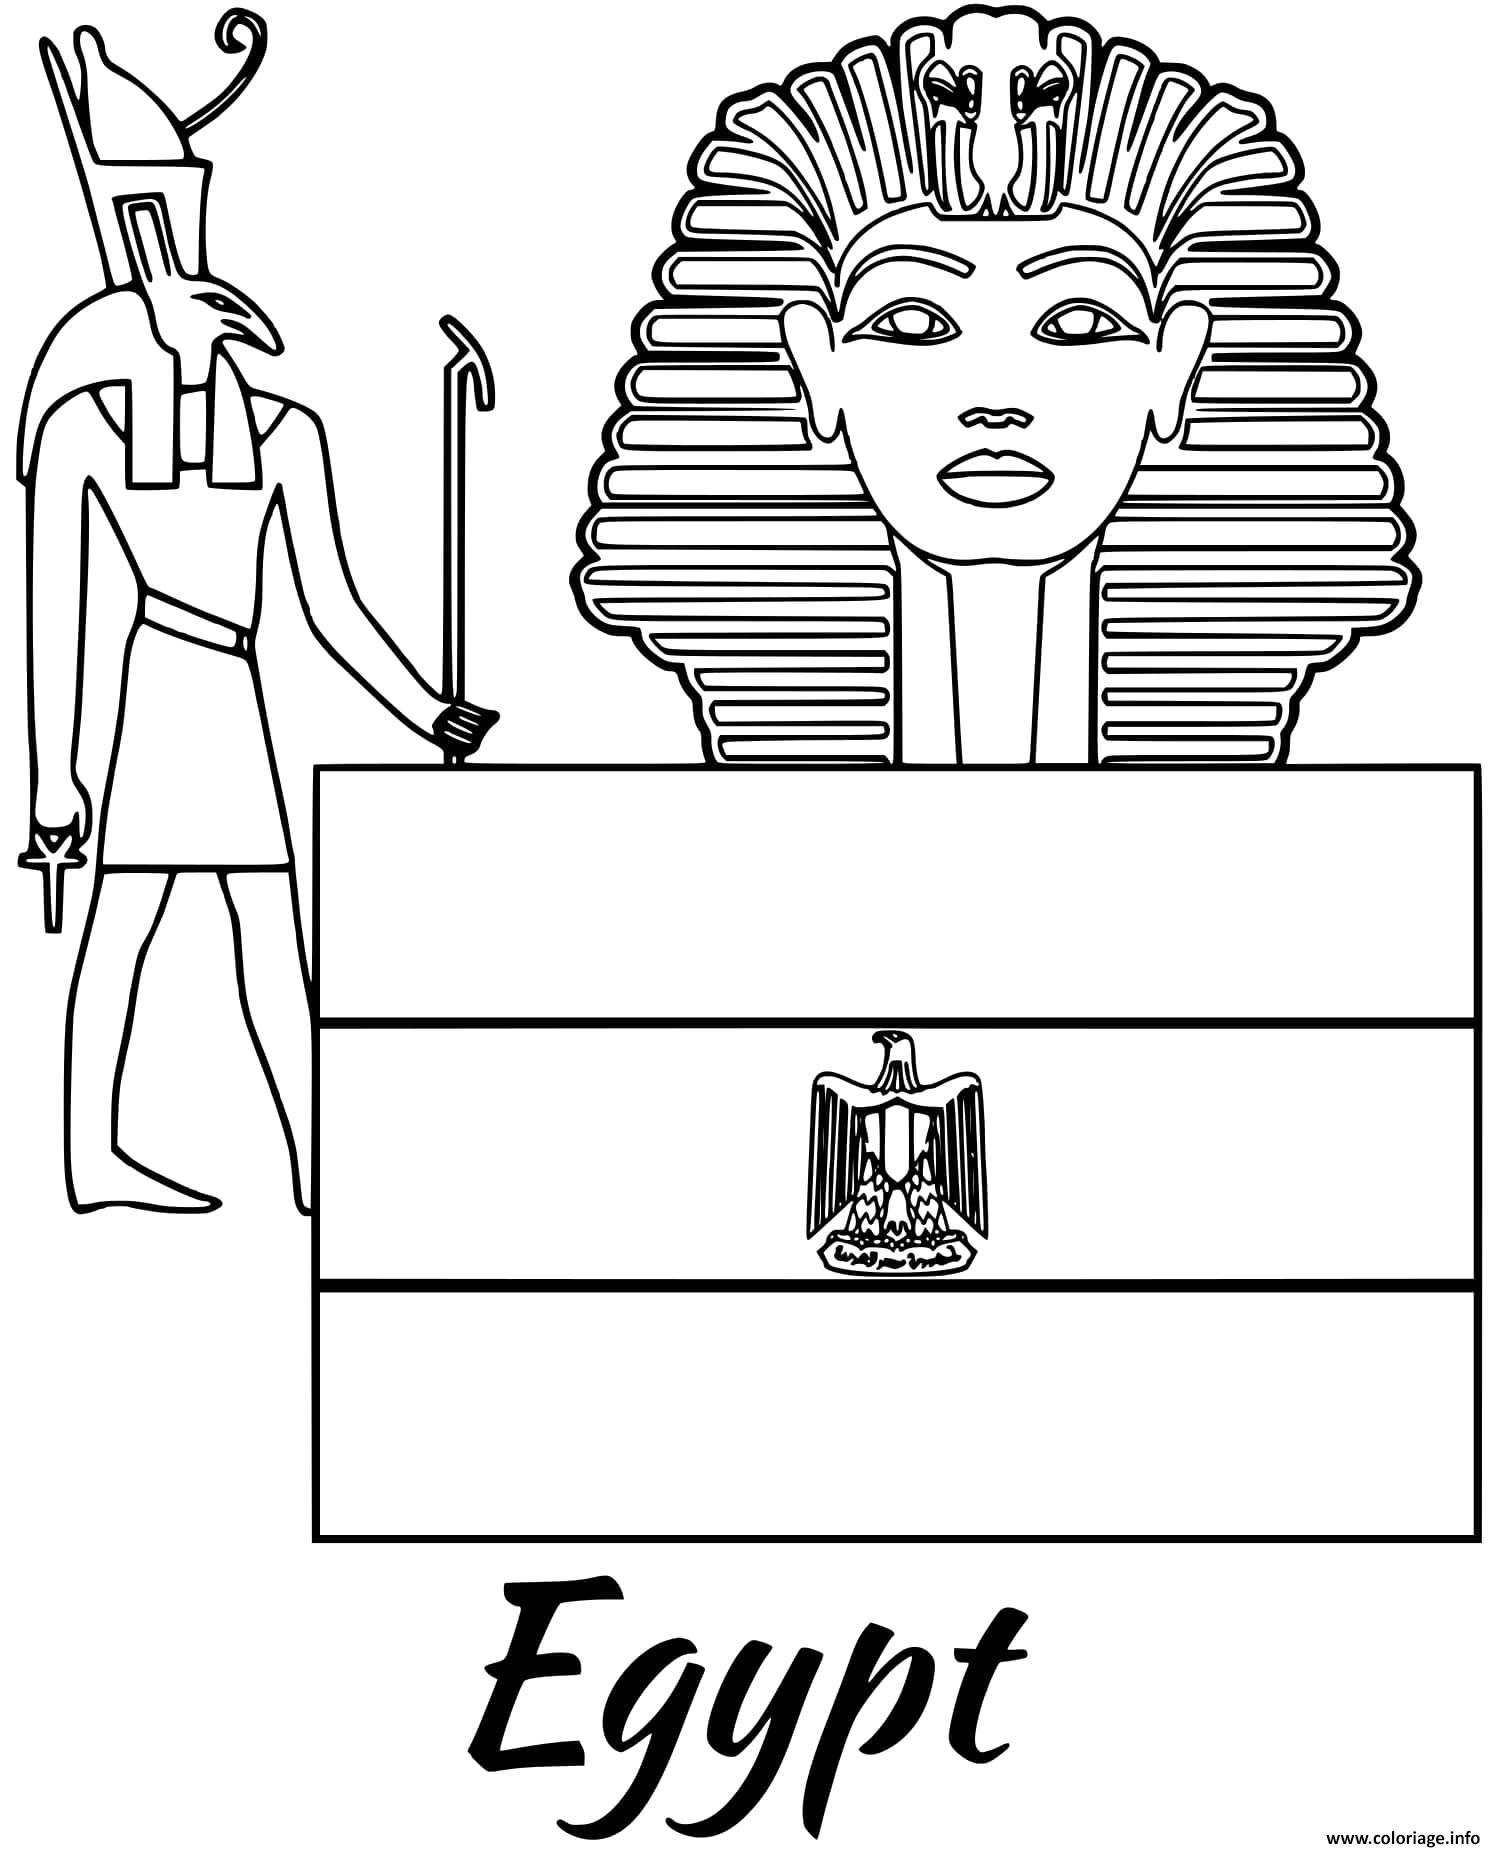 Dessin egypte drapeau sphinx Coloriage Gratuit à Imprimer